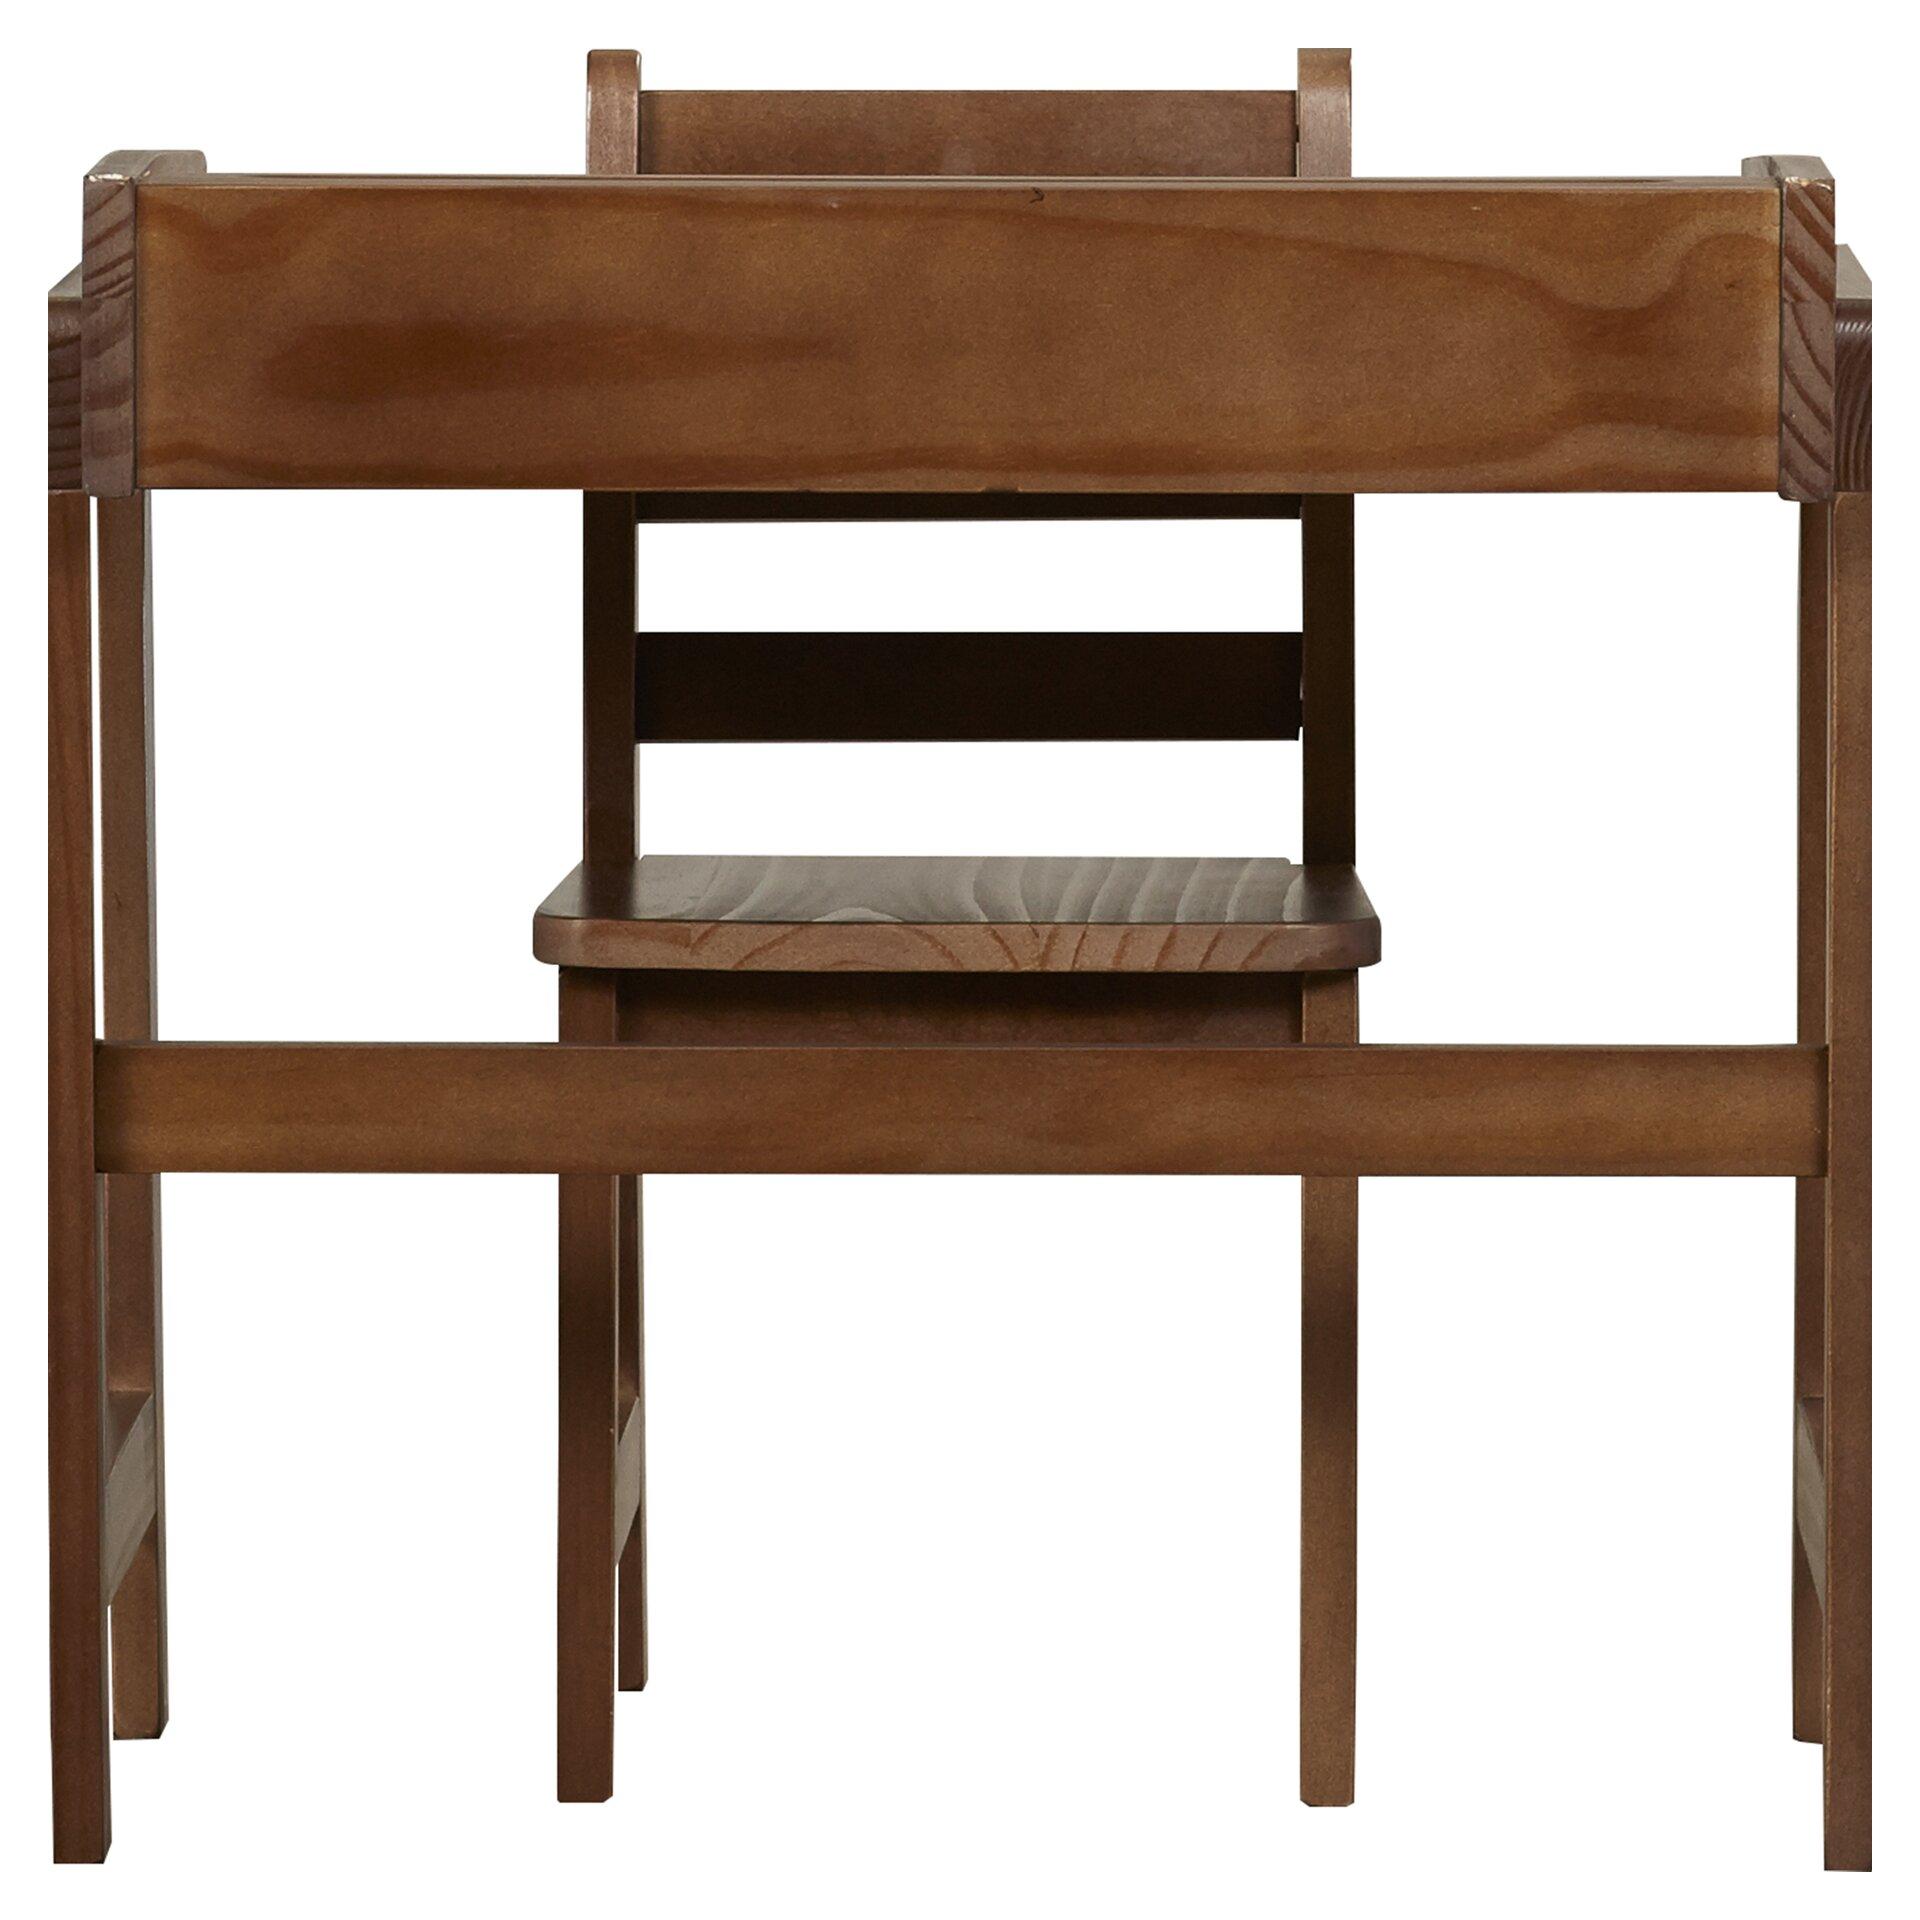 Amp Kids Kids Furniture Kids Beds Amp Bedroom Sets Bunk Beds Gallery